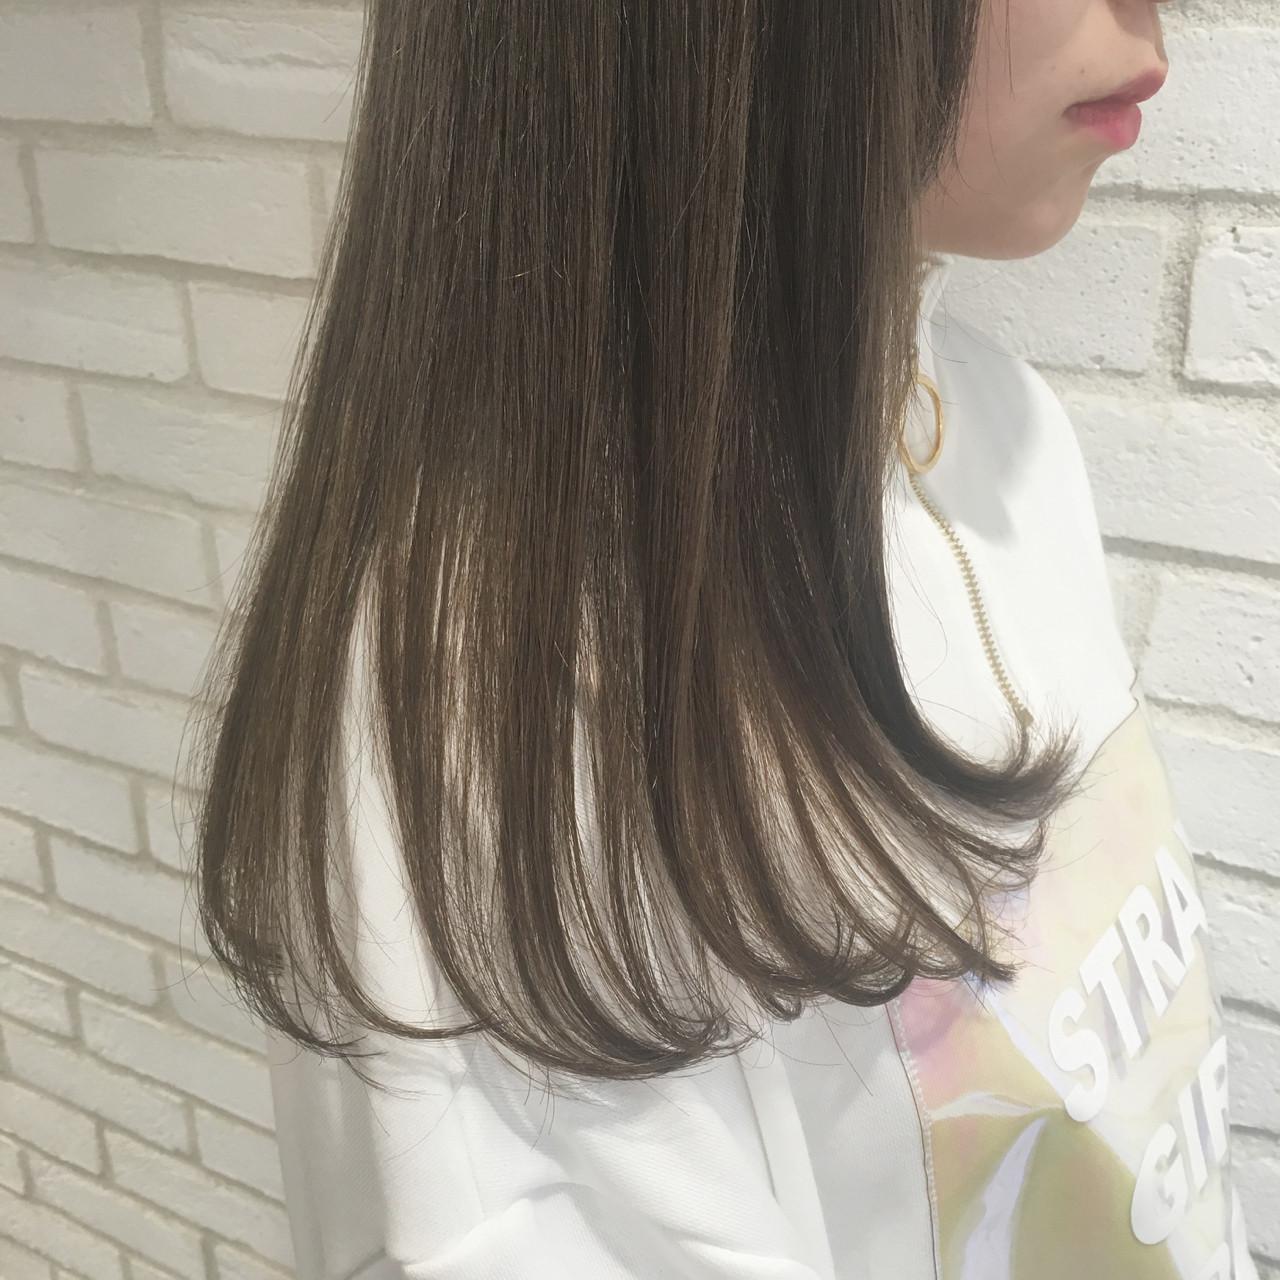 ナチュラル セミロング 縮毛矯正 トリートメント ヘアスタイルや髪型の写真・画像